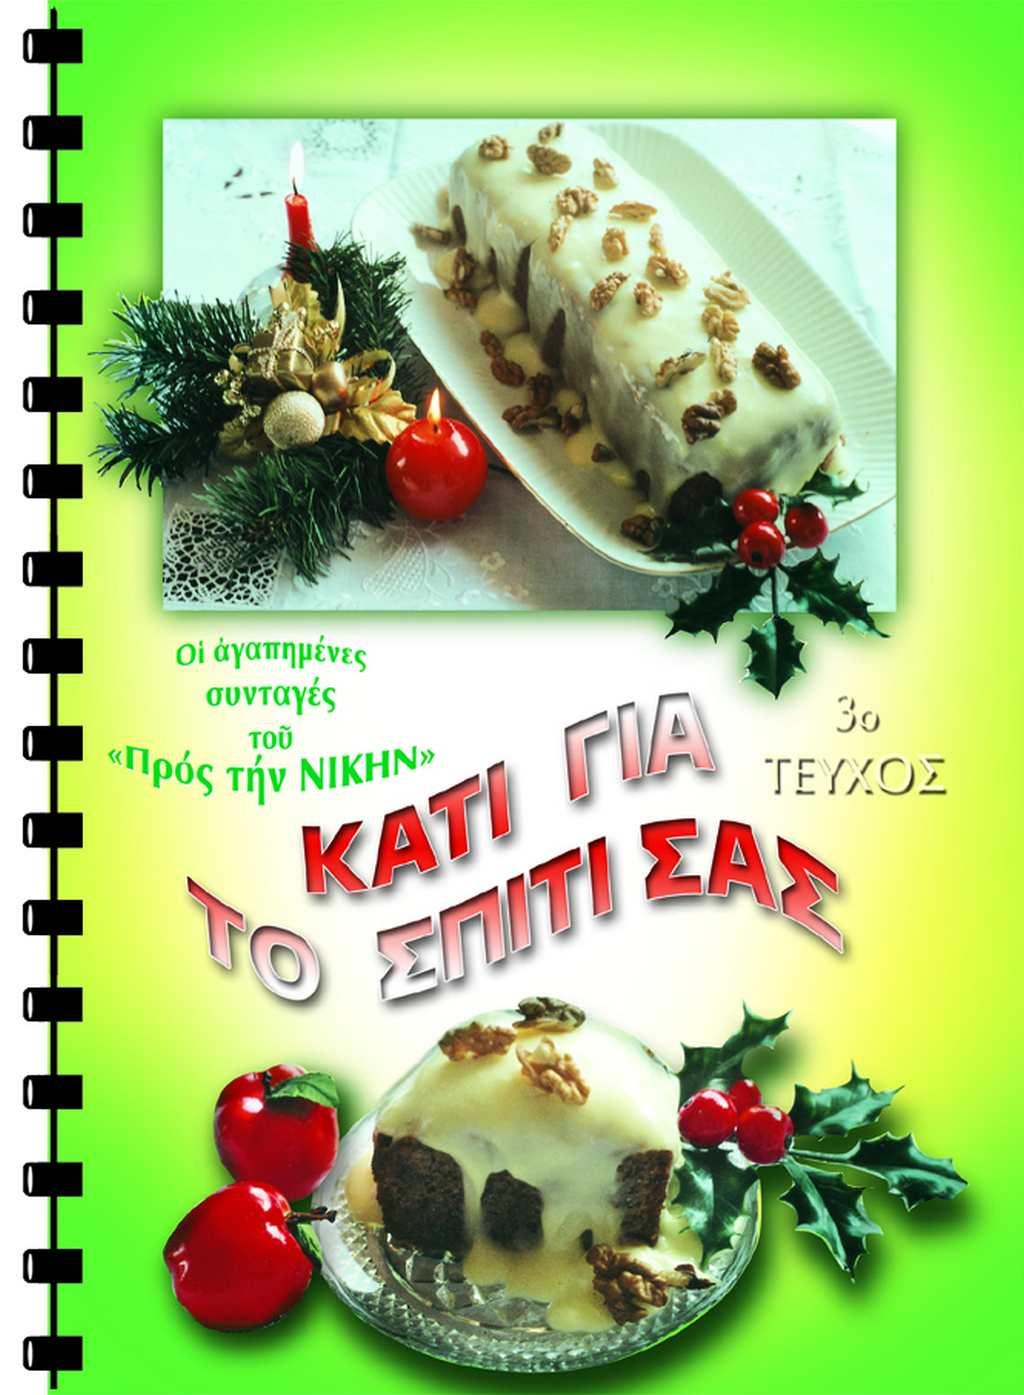 Συνταγές ΚΑΤΙ ΓΙΑ ΤΟ ΣΠΙΤΙ ΣΑΣ ΤΟΜΟΣ Γ΄